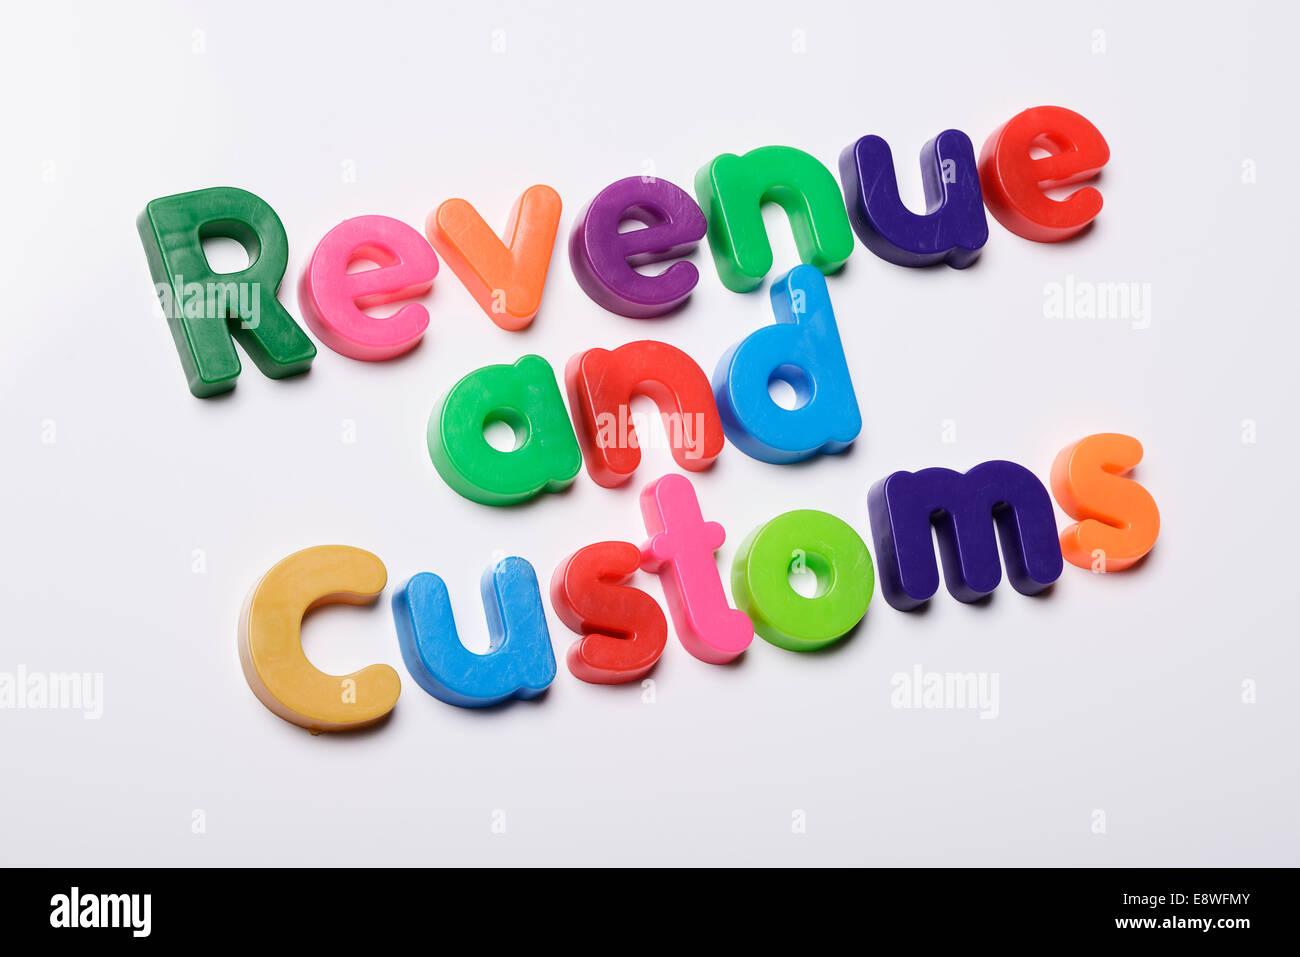 Revenue and Customs faits de lettres d''un réfrigérateur magnétique Photo Stock